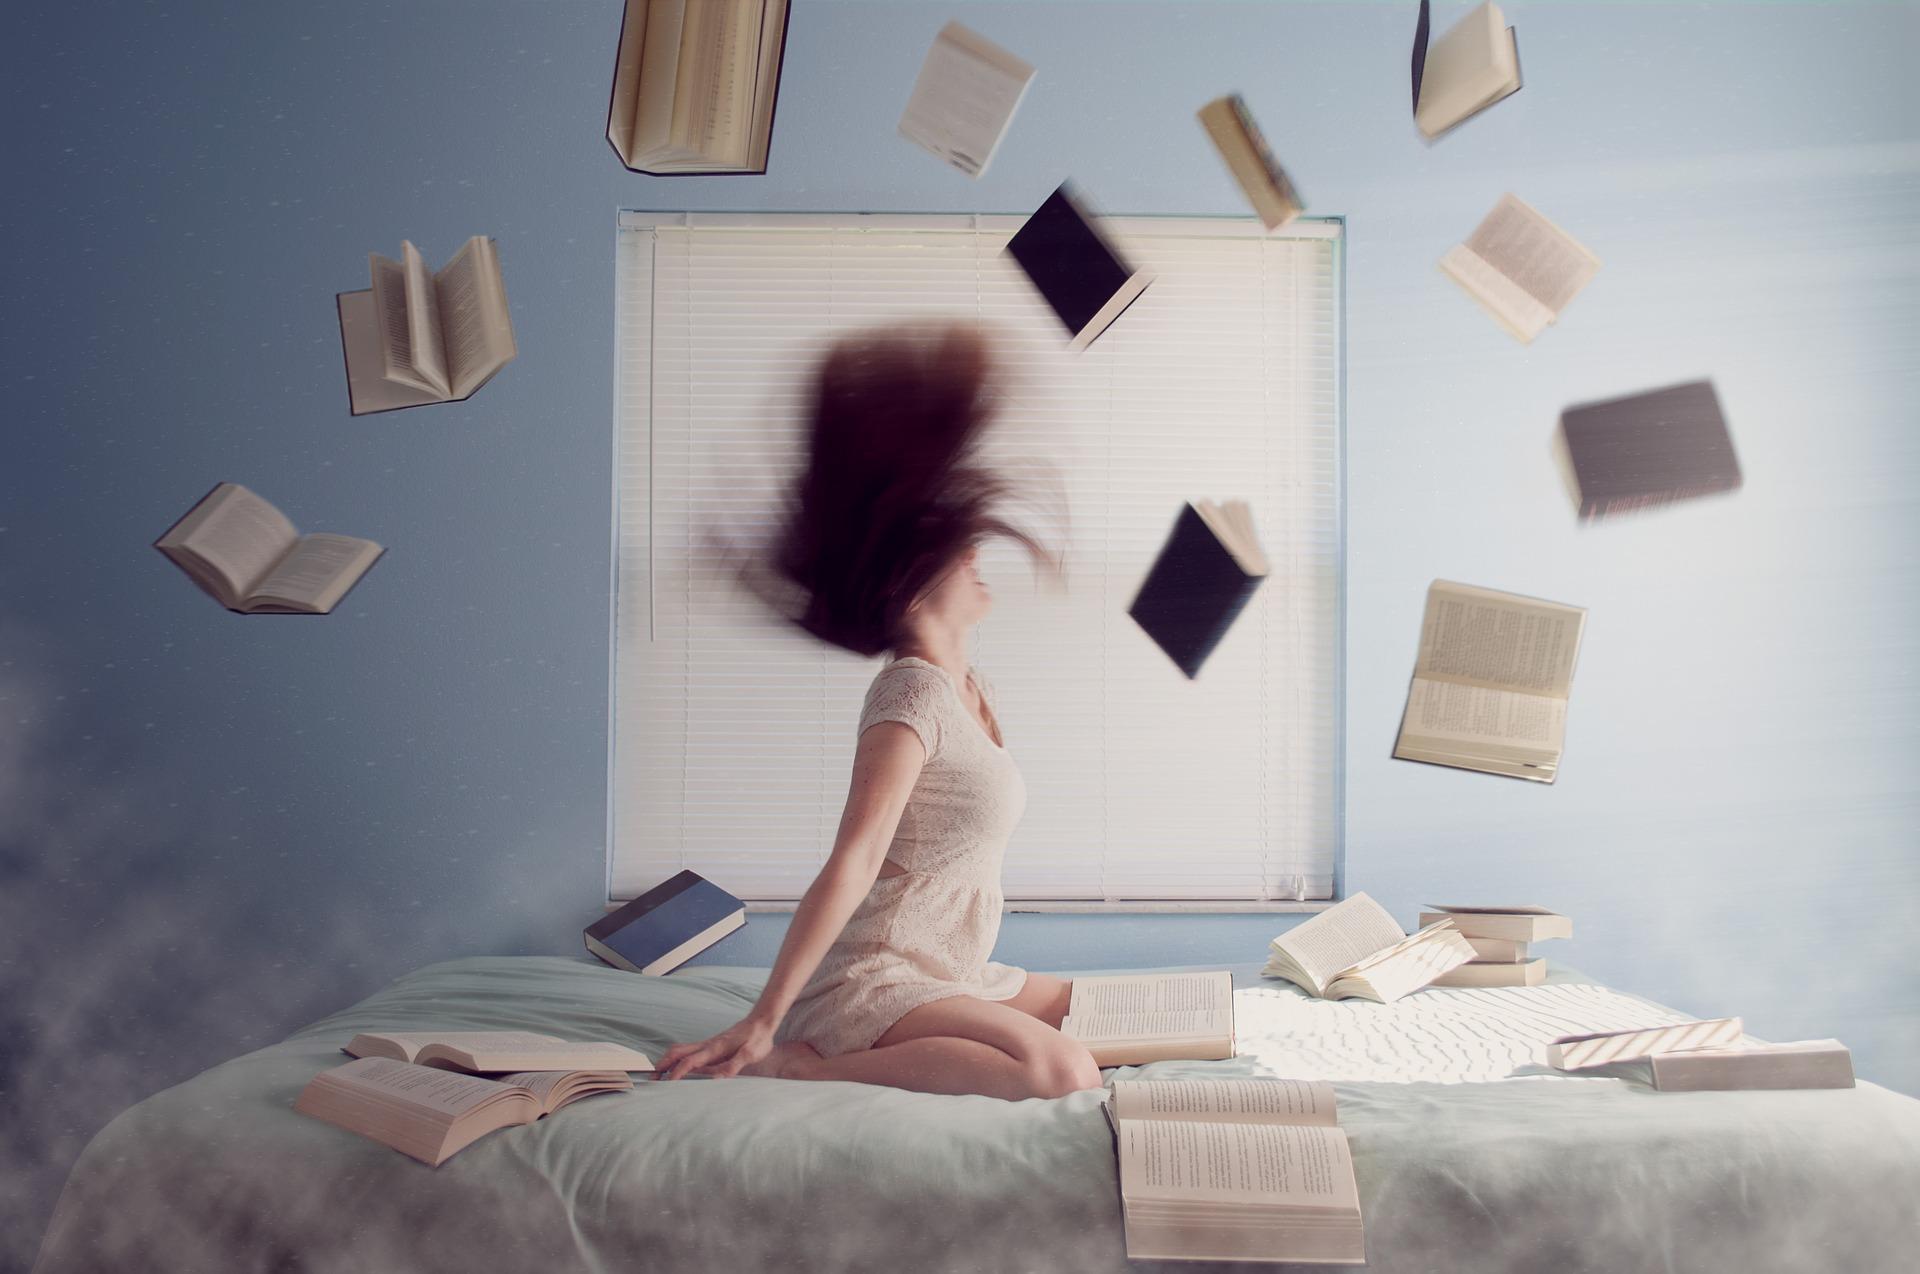 Mikor olvassunk?